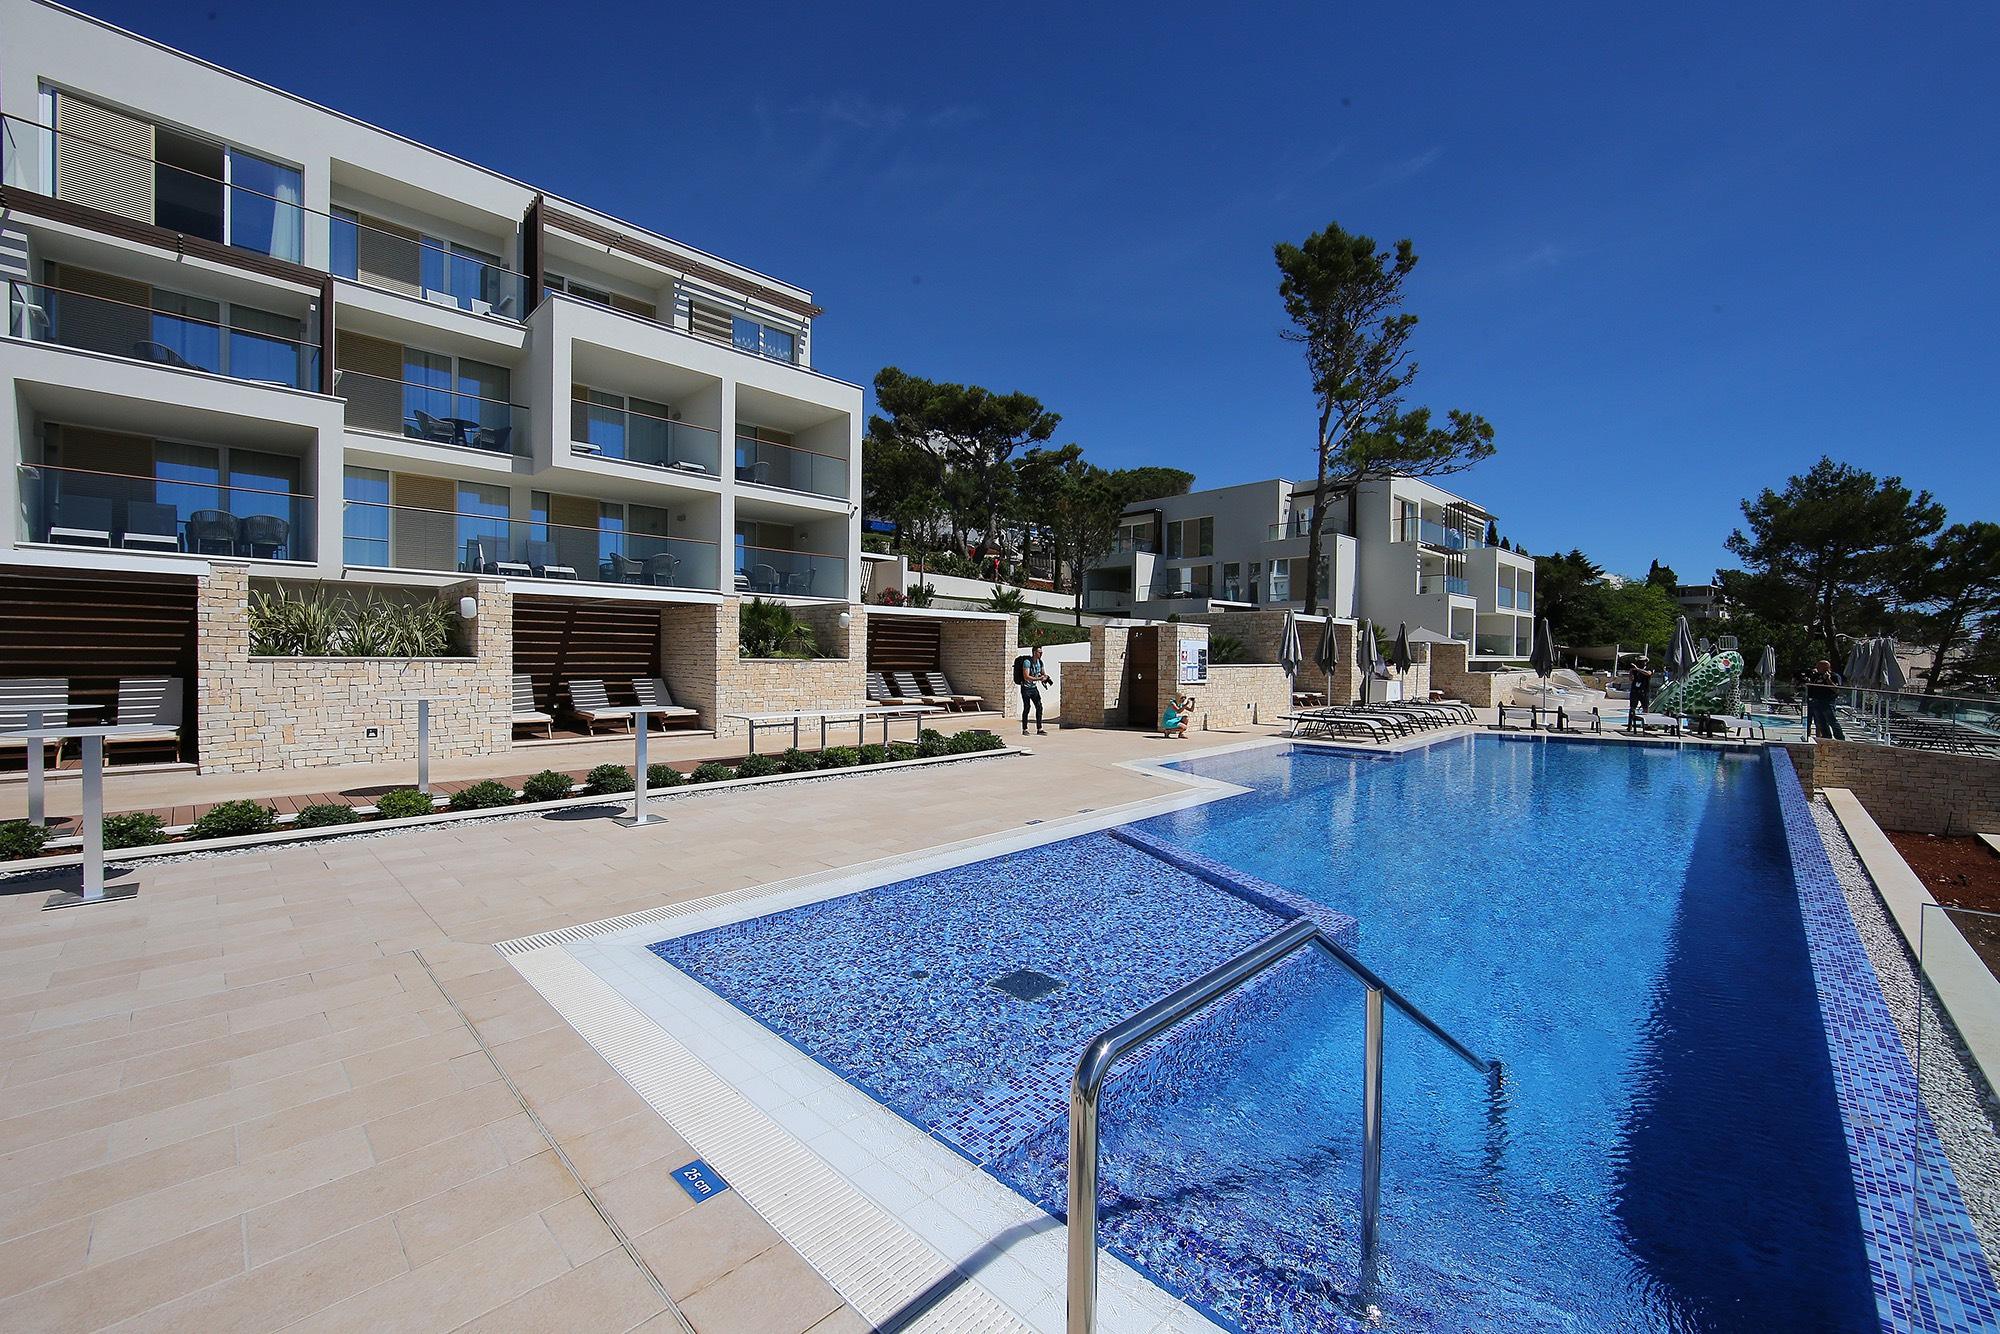 Heuer eröffnet: 62 Millionen Euro investierte Valamar in das Girandella Resort. Gemeinsam mit dem Family Life Bellevue Resort hat die Gruppe Rabac als neuen Standort etabliert.